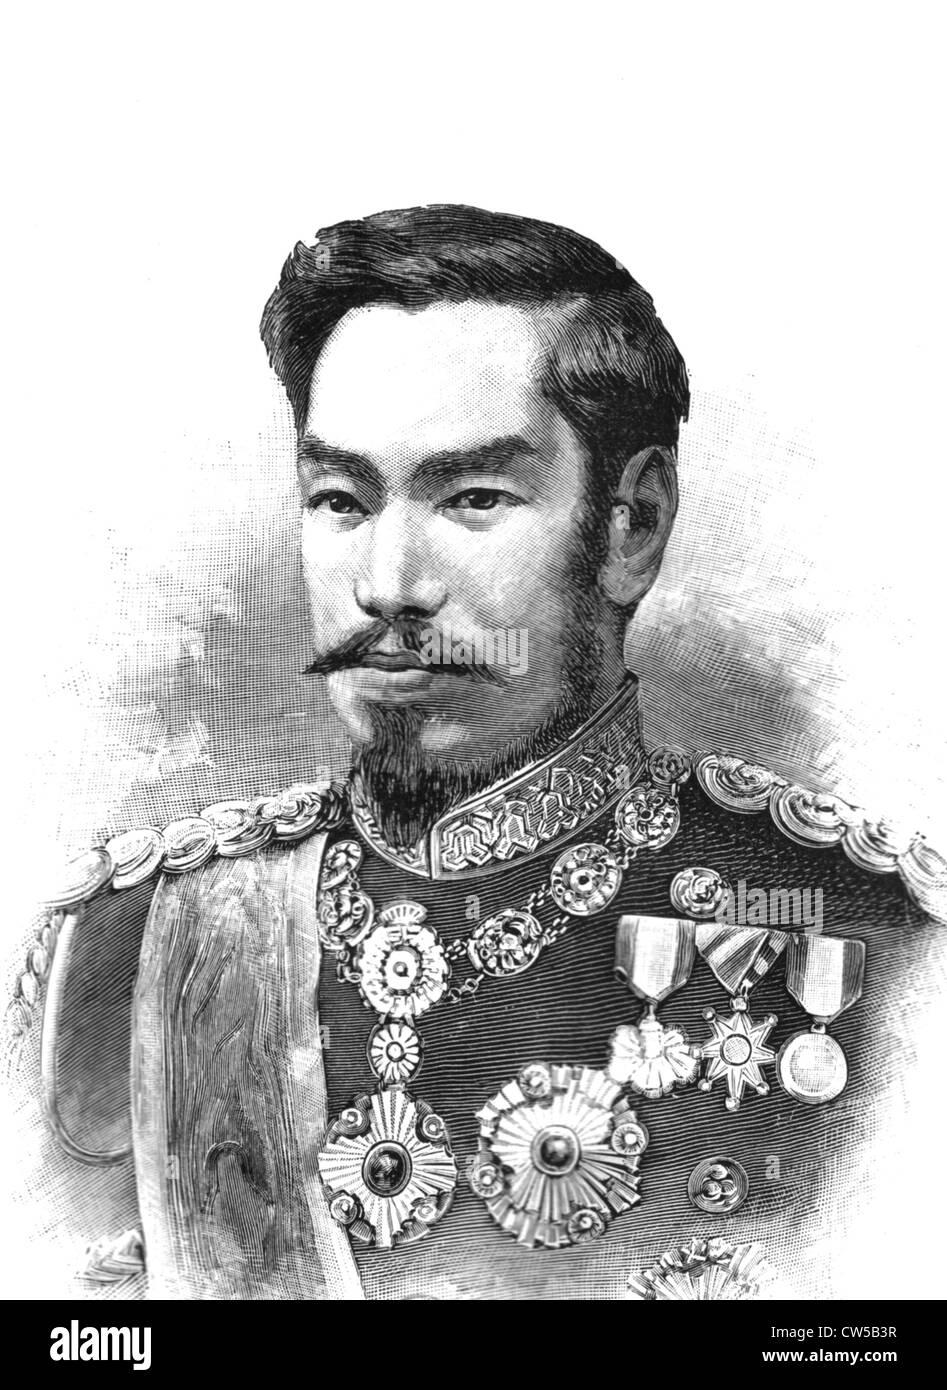 Japanese Emperor Mutsuhito - Stock Image